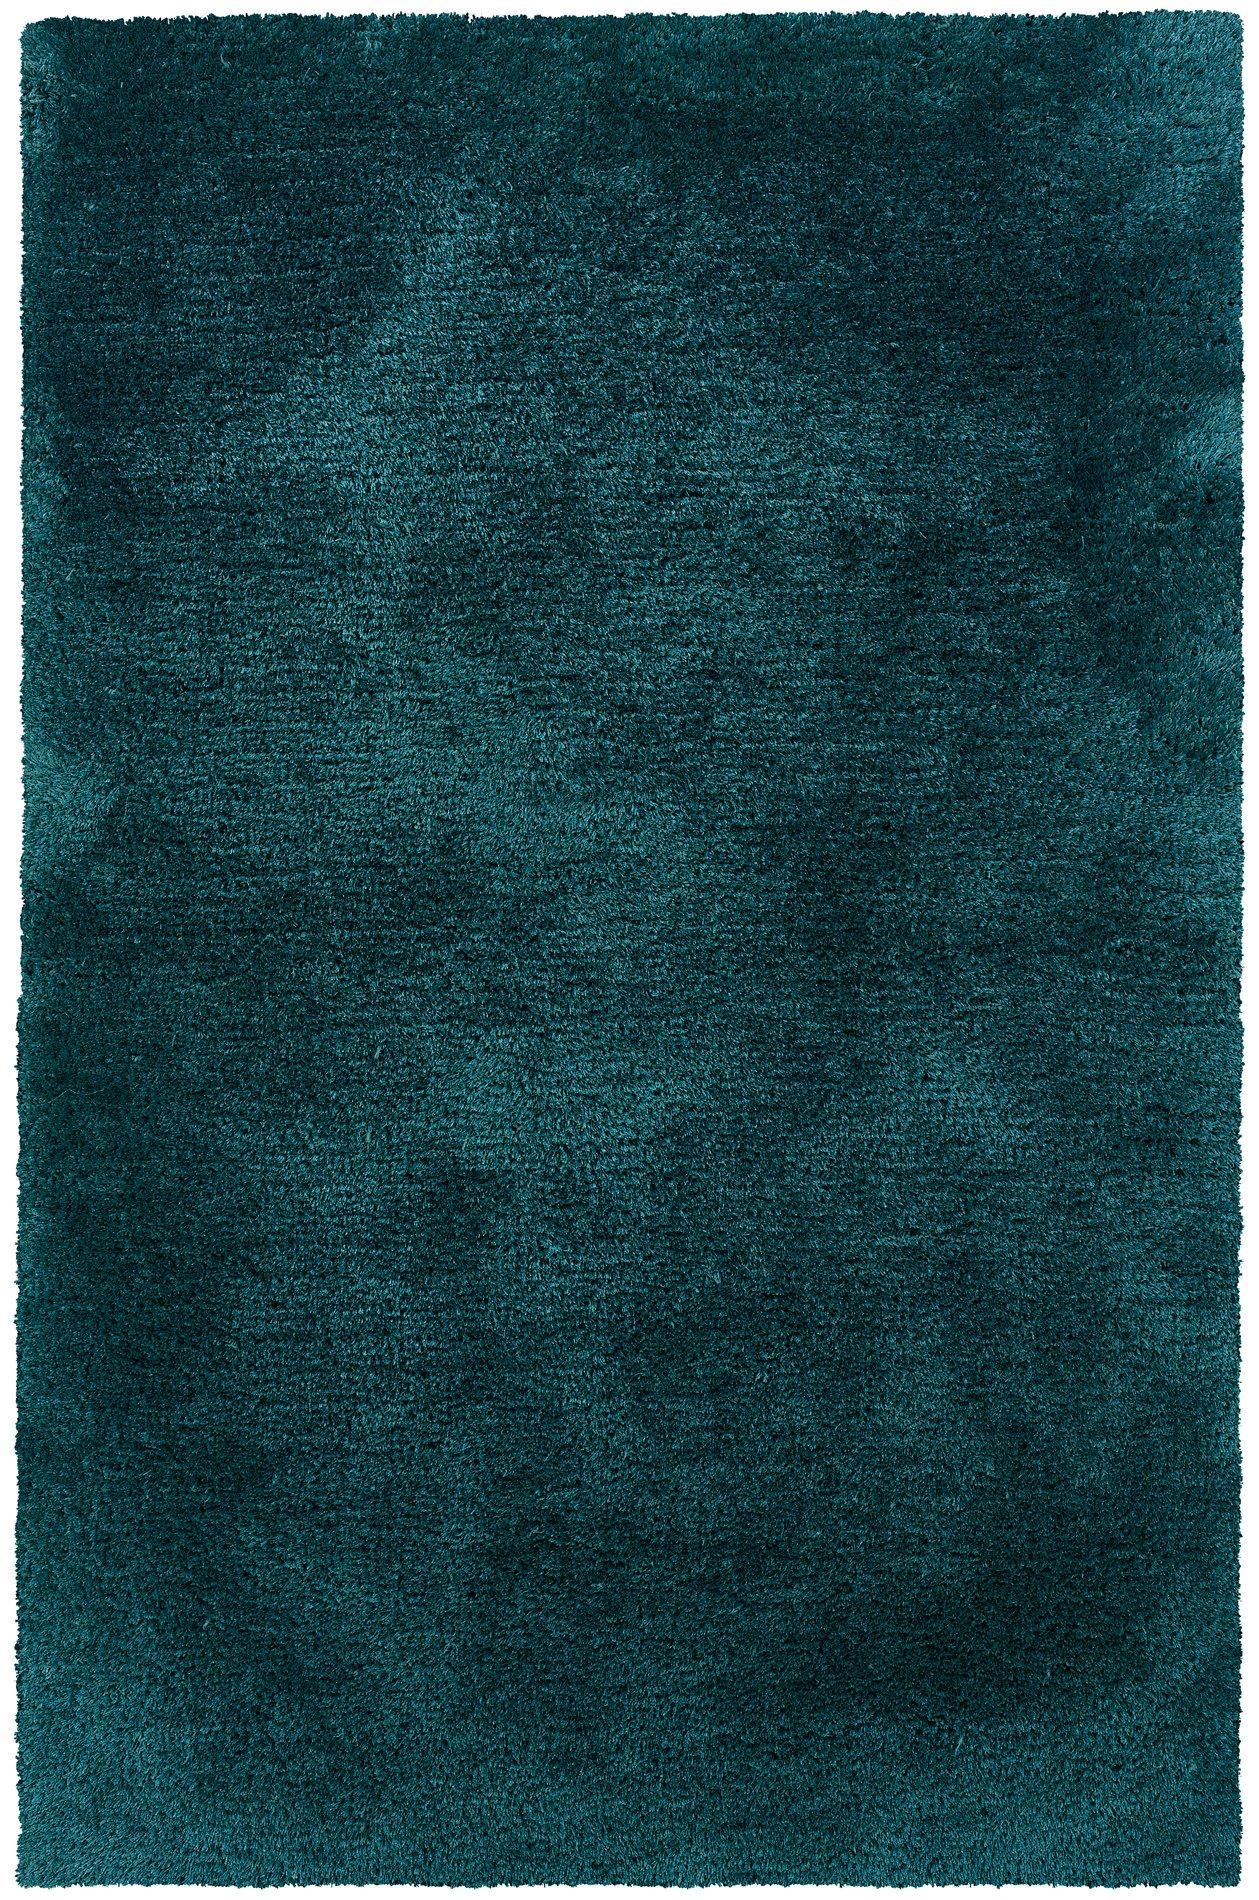 100 teal shaggy rug teal shag at rug studio